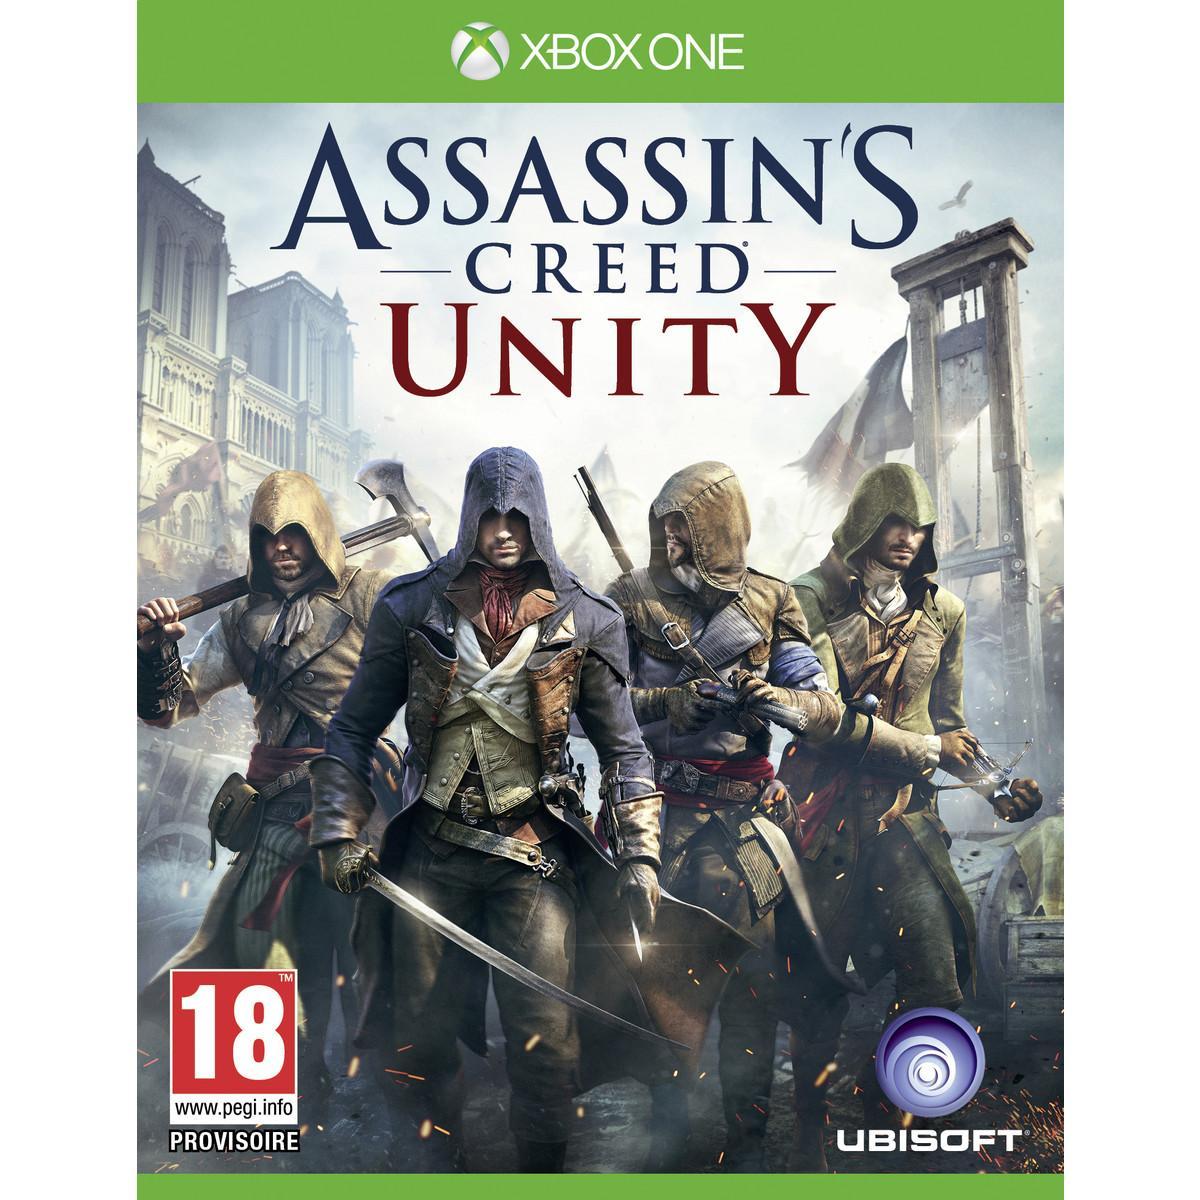 Sélection de jeux video Xbox One et PS4 en promotion - Ex : Assassin's Creed : Unity